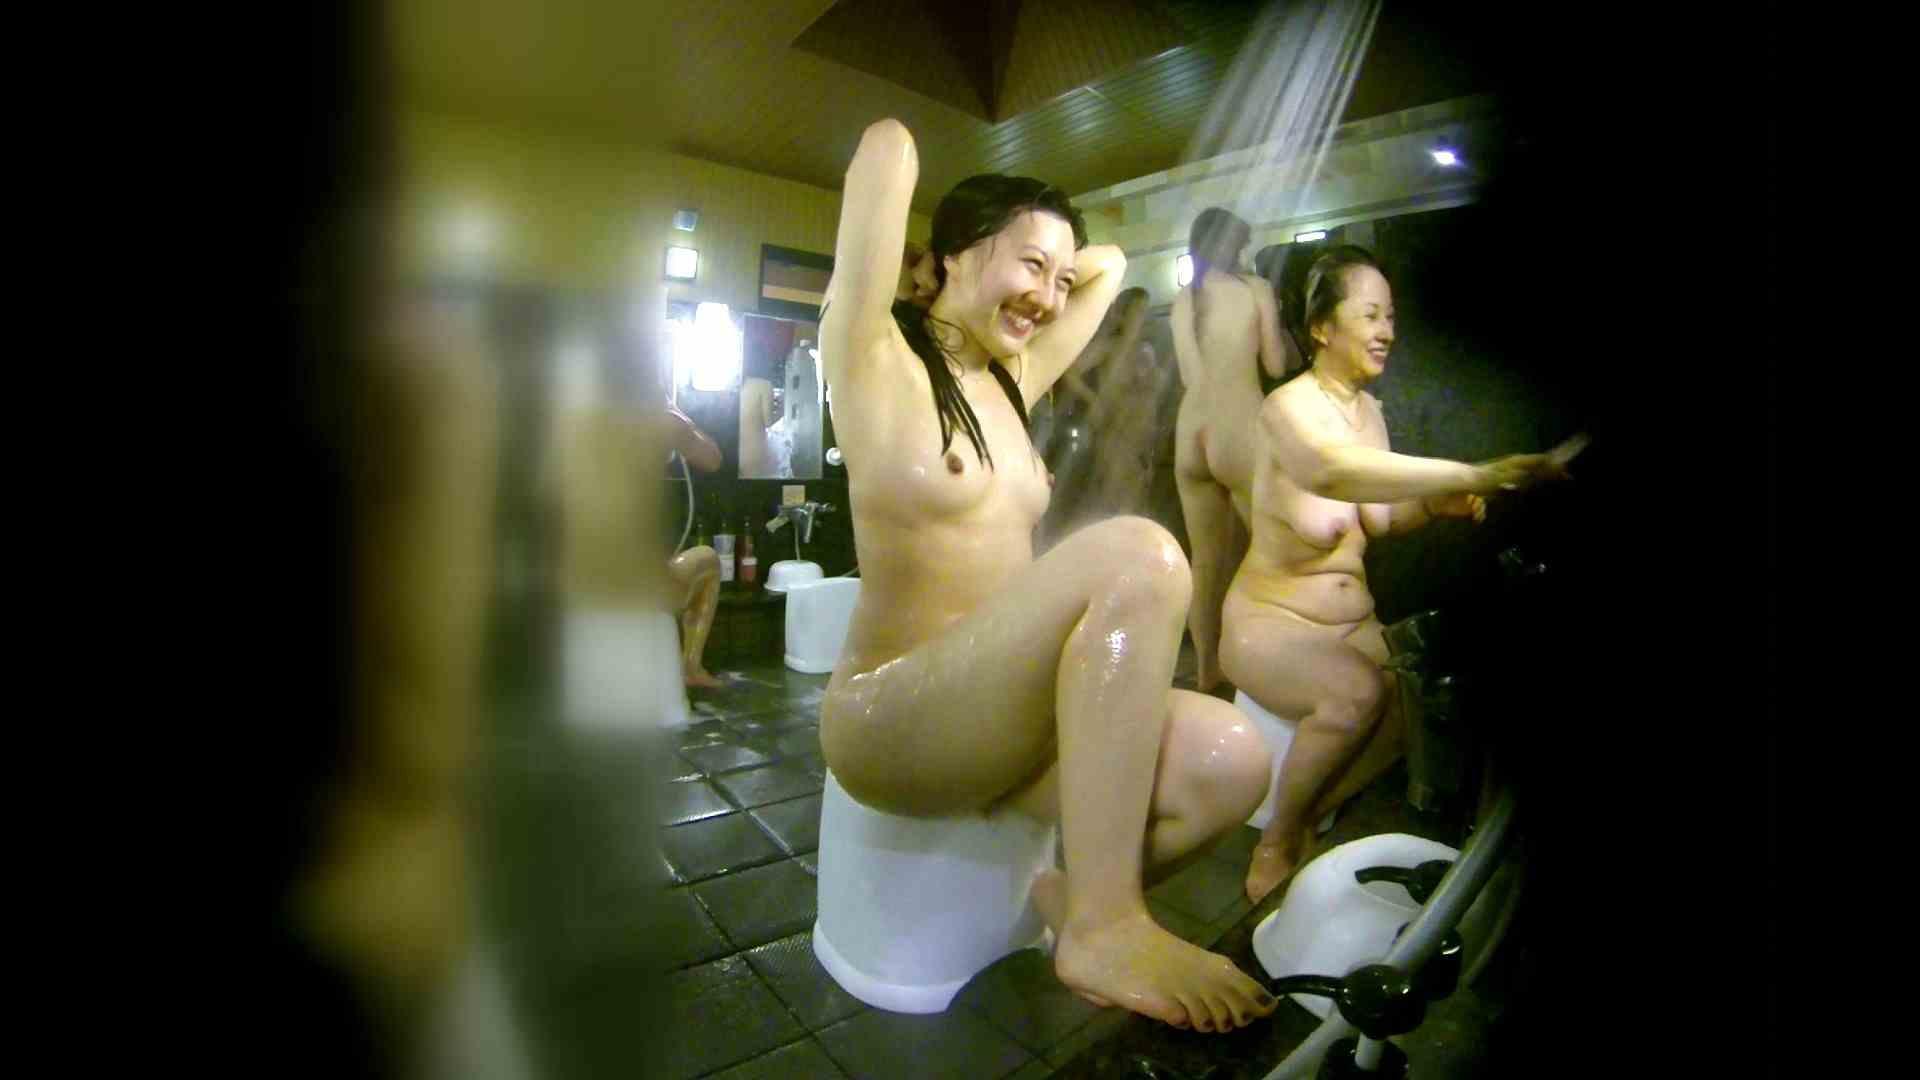 洗い場!右足の位置がいいですね。陰毛もっさり! 銭湯事情 オメコ動画キャプチャ 107枚 41